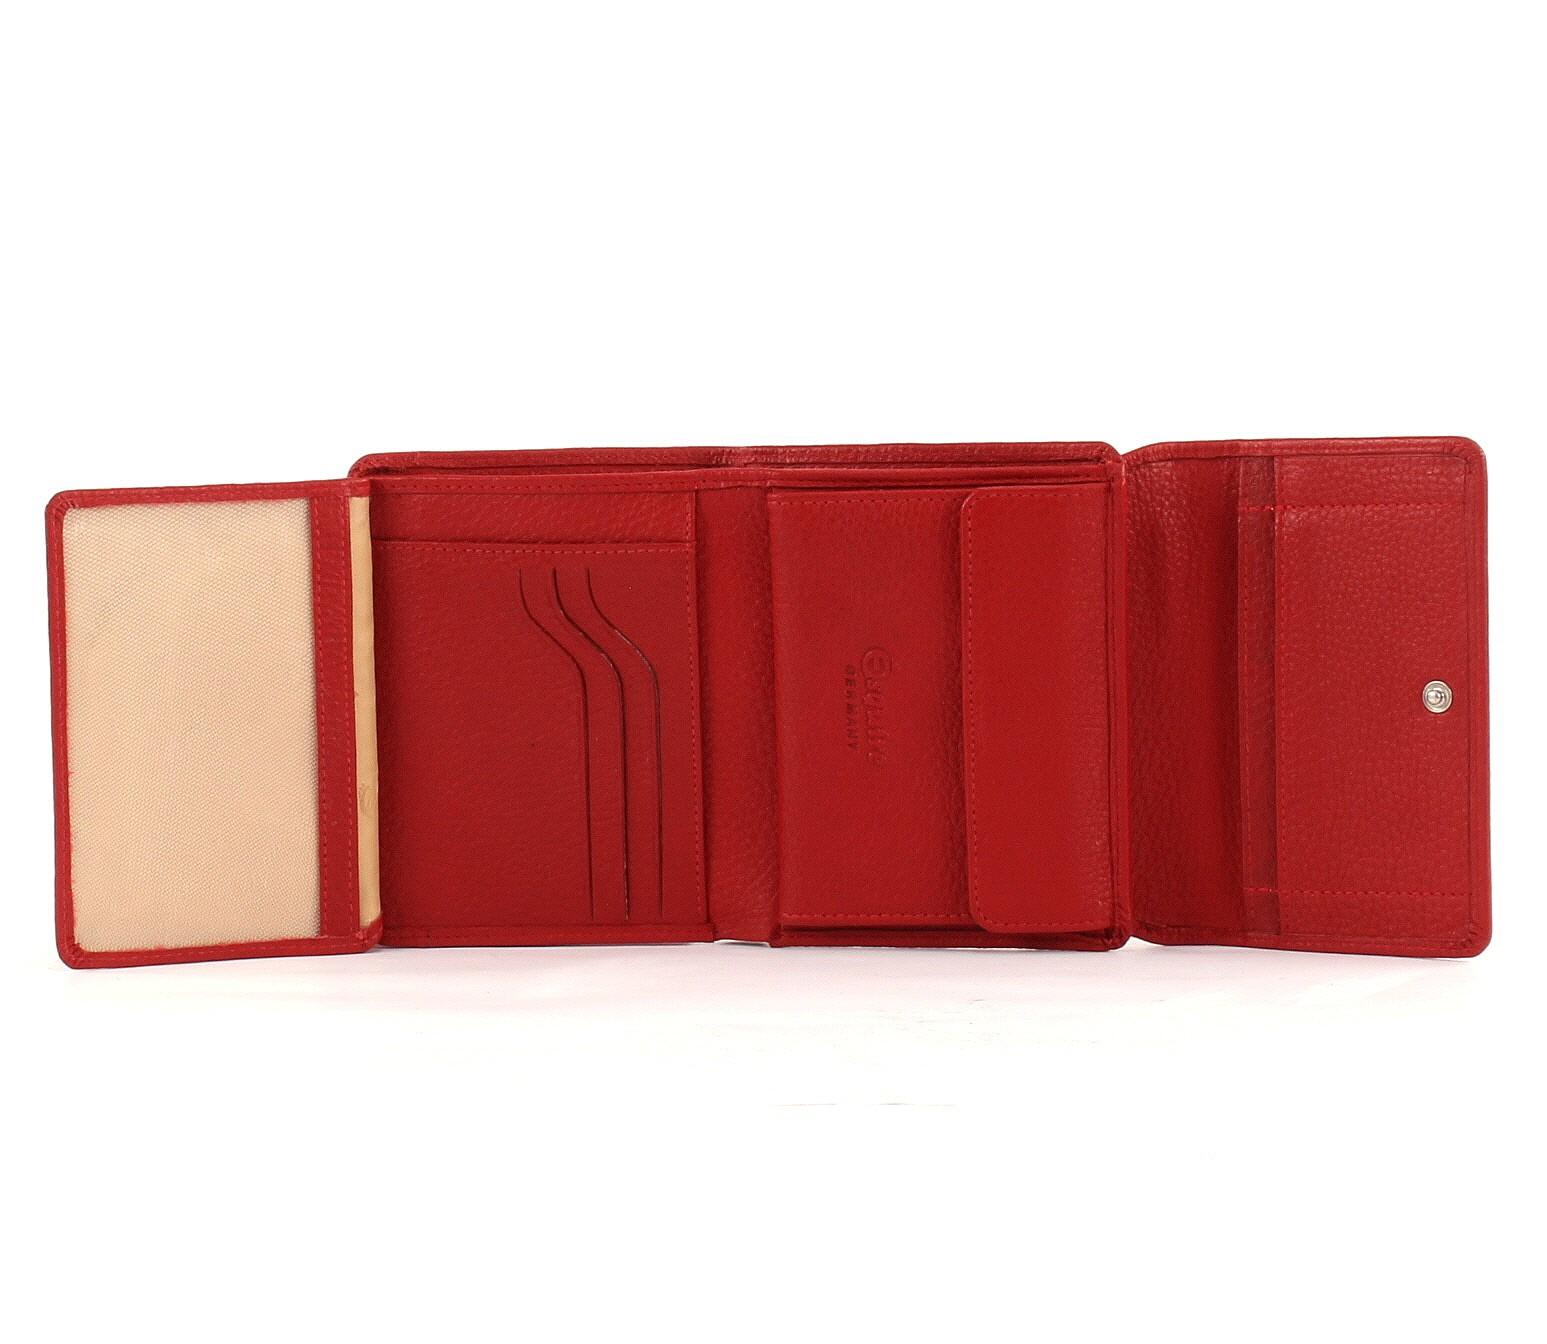 Esquire Primavera Ladies Purse M Geldbörse Portemonnaie Geldbeutel Leder Rot Red